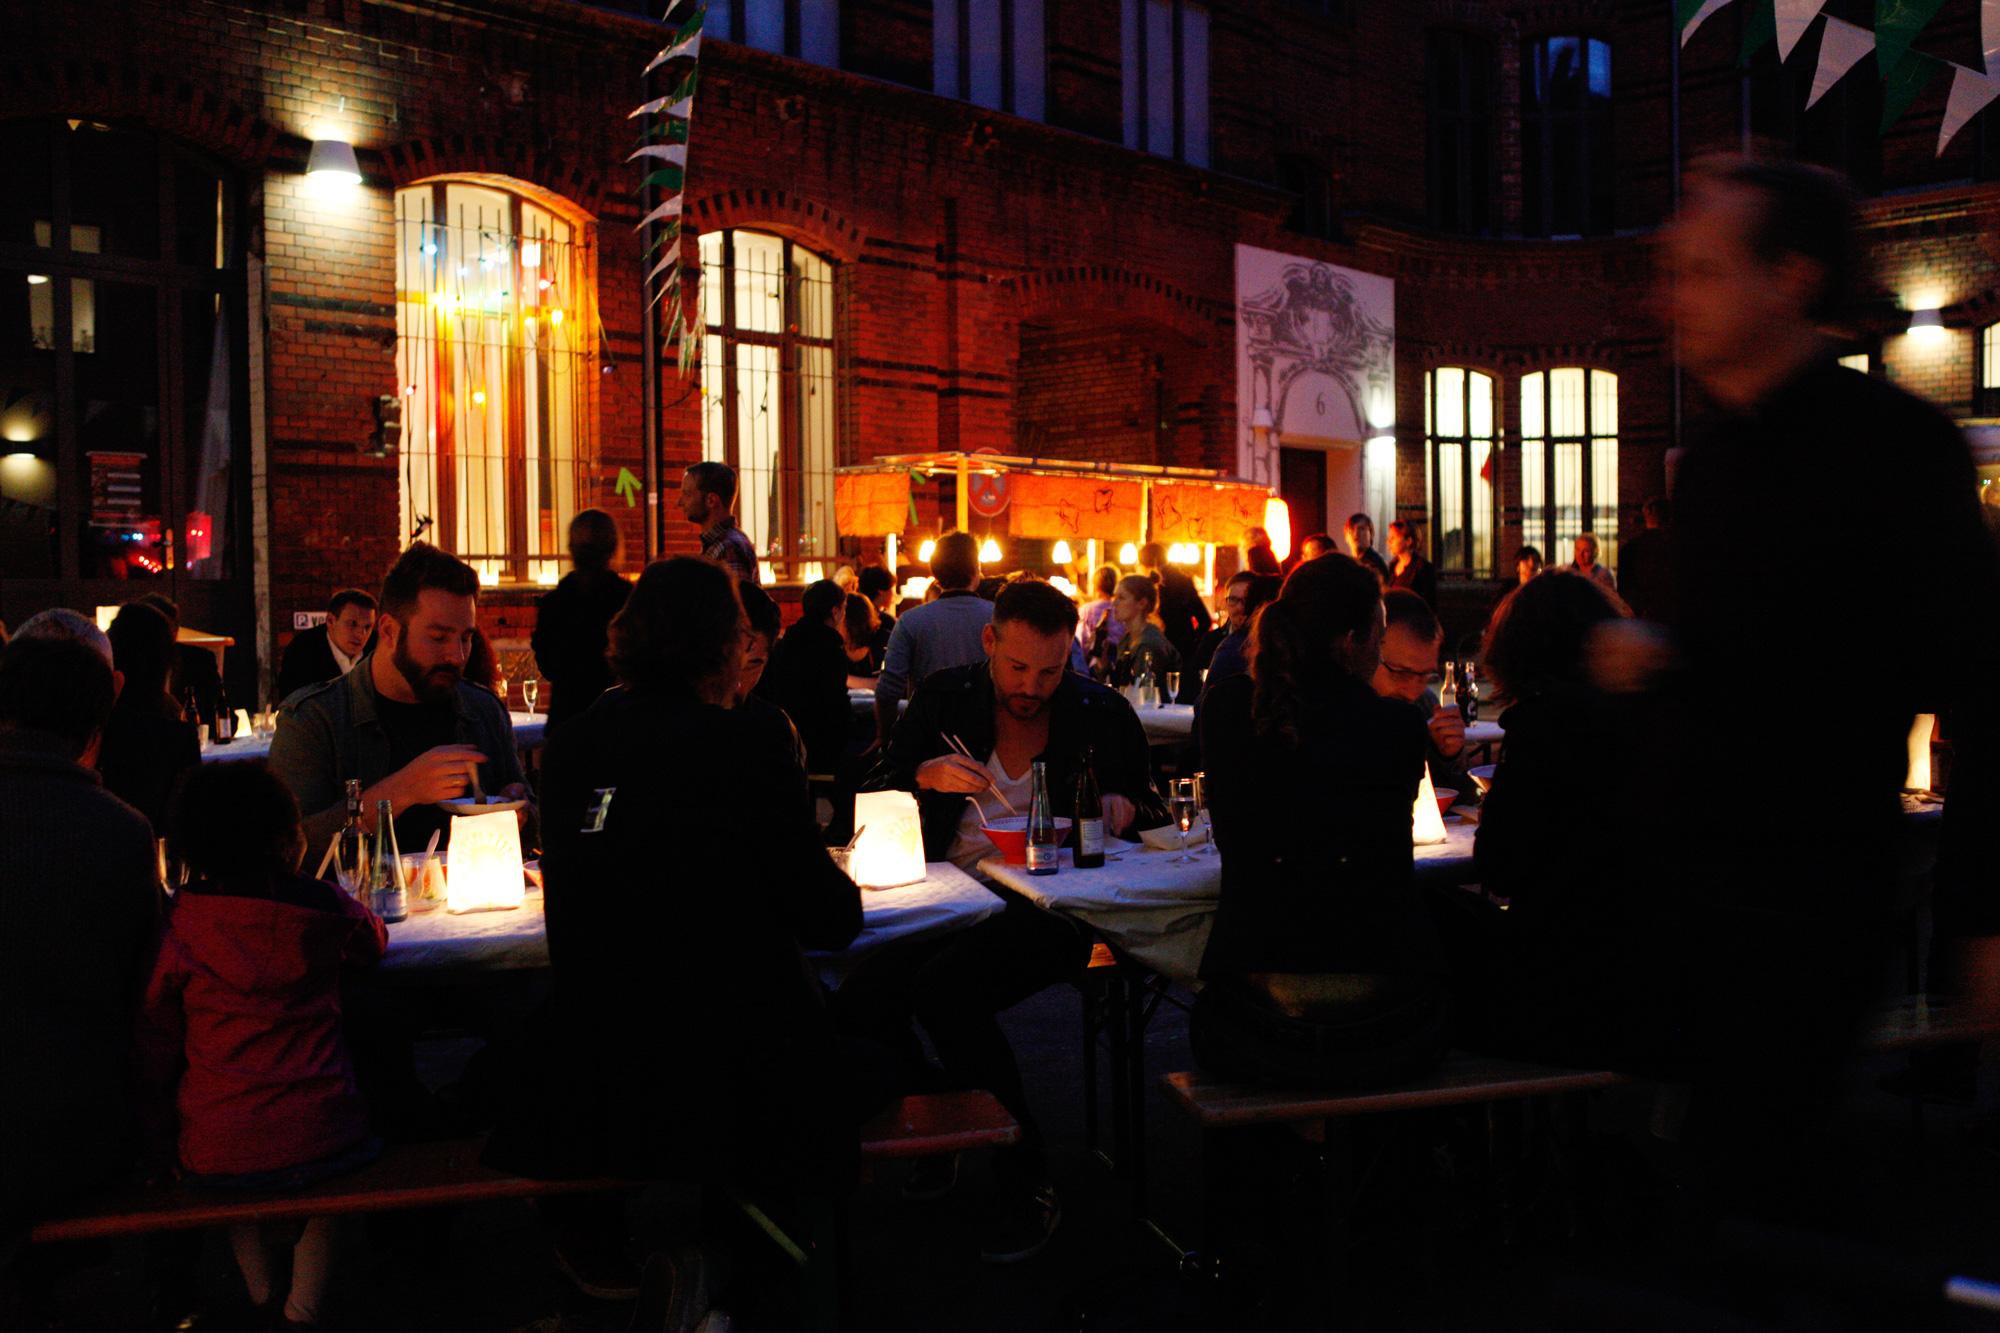 Bilder aus dem Innenhof des Urbanhofs bei der 10-Jahres-Feier von HENKELHIEDL